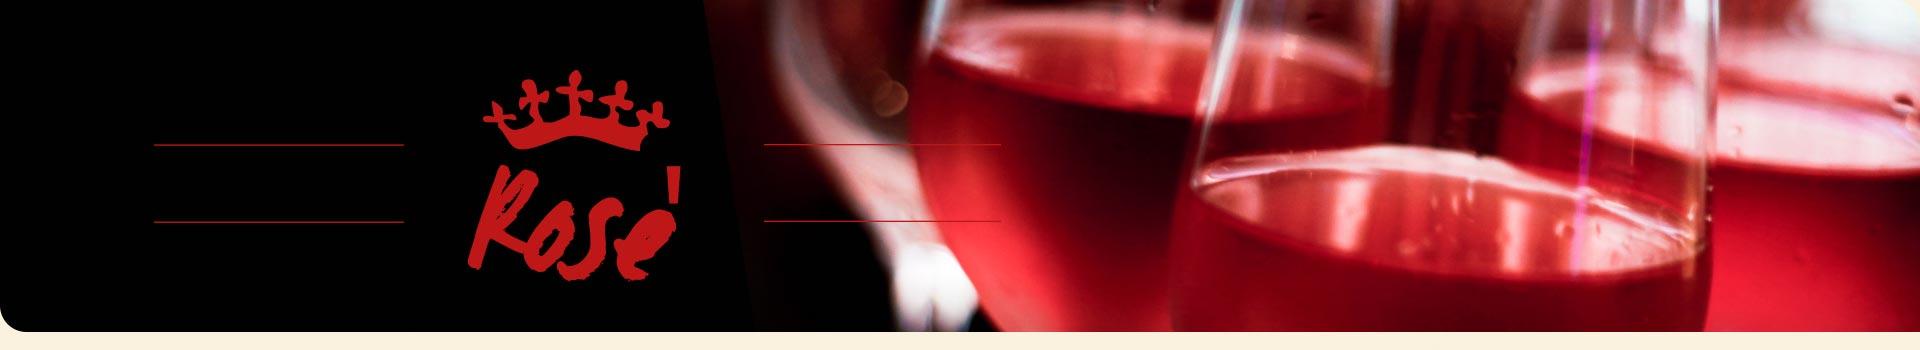 vini-rose-banner